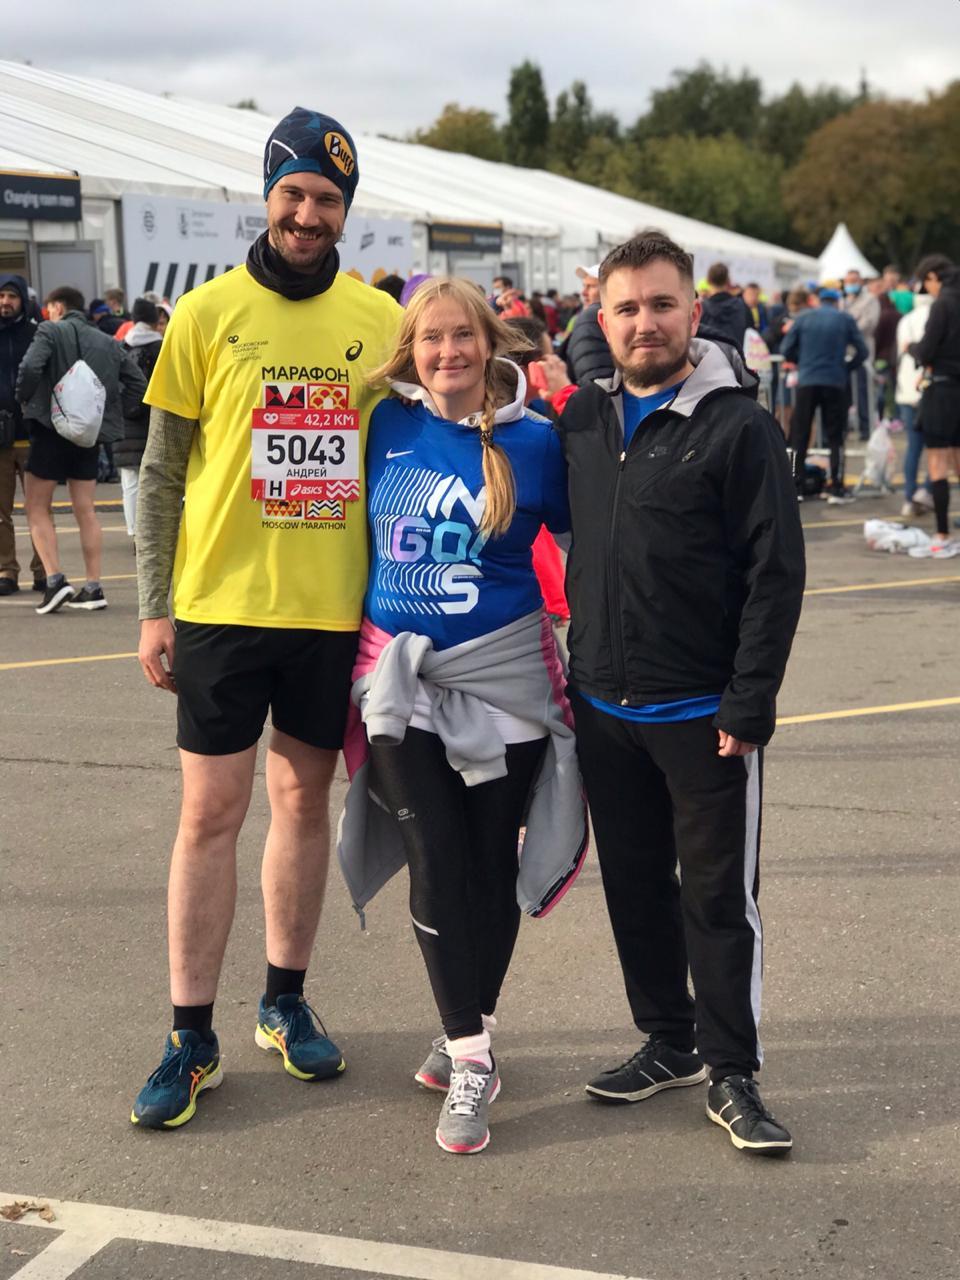 Жемковы - участники Московского марафона